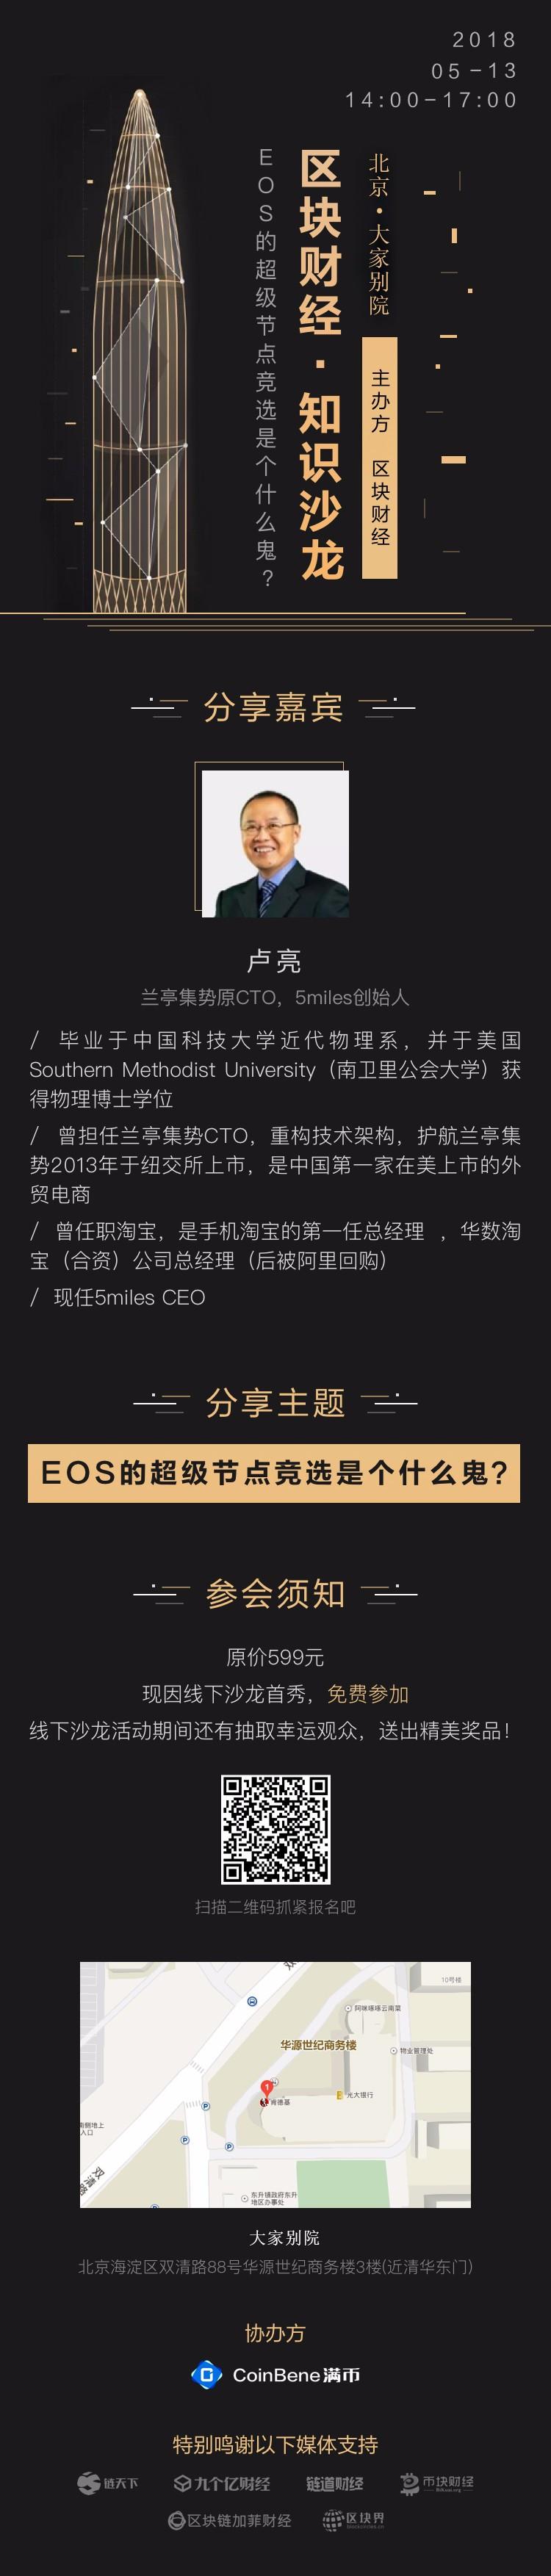 区块链知识沙龙丨卢亮--EOS的超级节点竞选是个什么鬼?